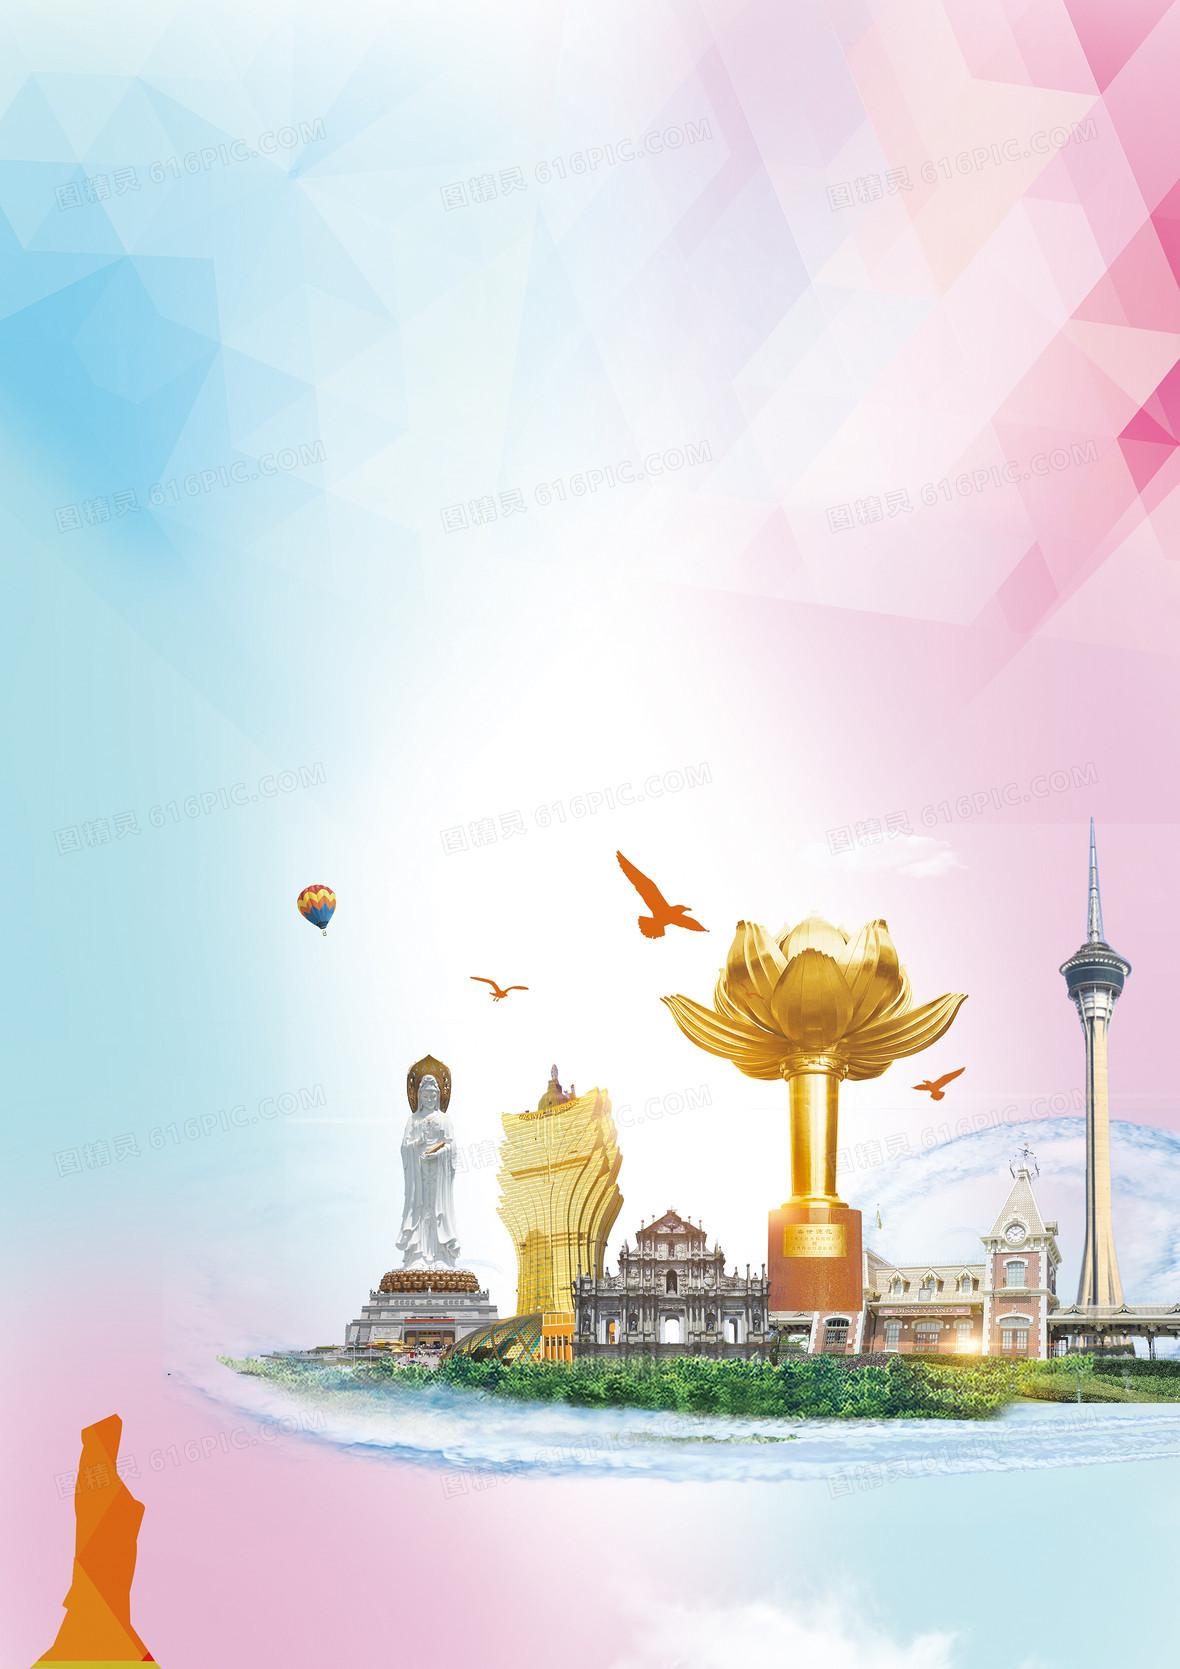 香港澳门旅游海报背景素材